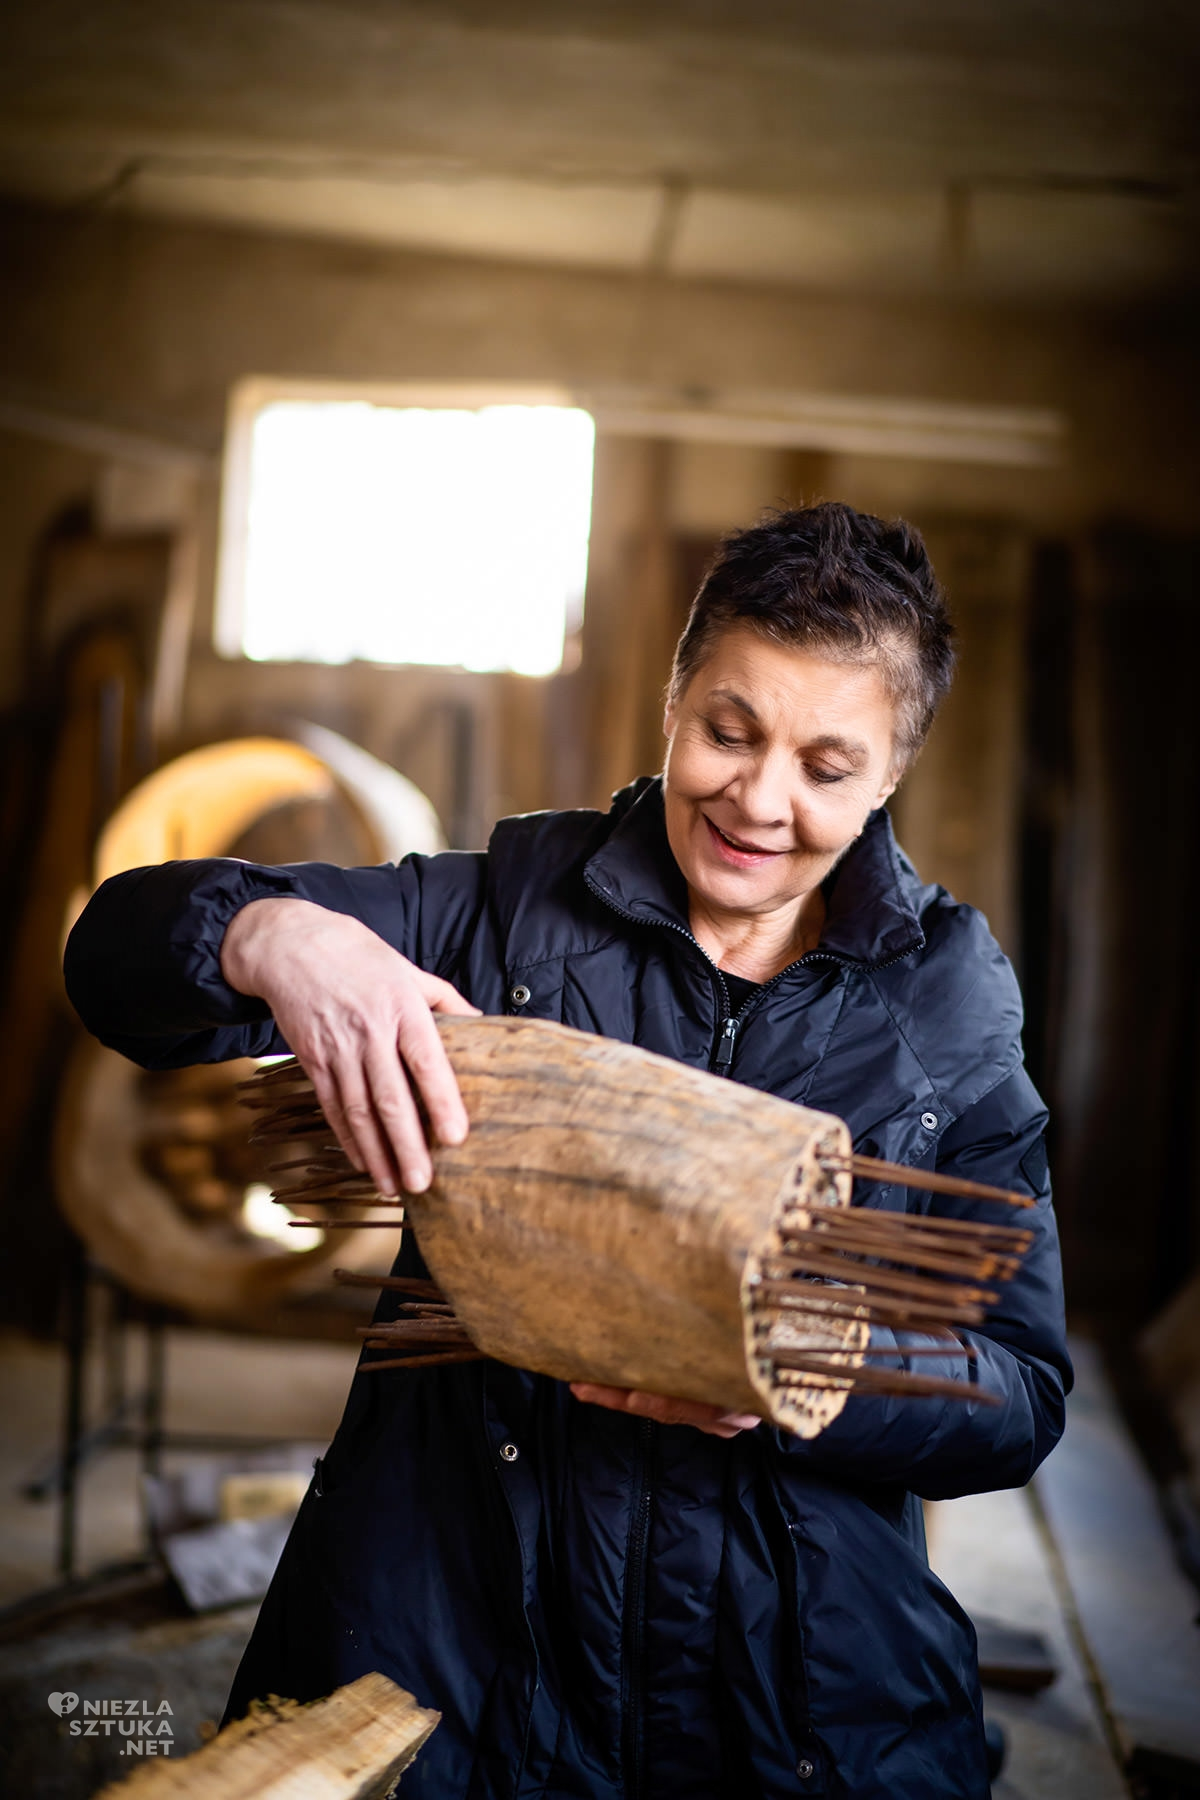 Daniela Krystyna Jałkiewicz, wywiad, rzeźba, tkanina, sztuka polska, kobiety w sztuce, artystka polska, niezła sztuka